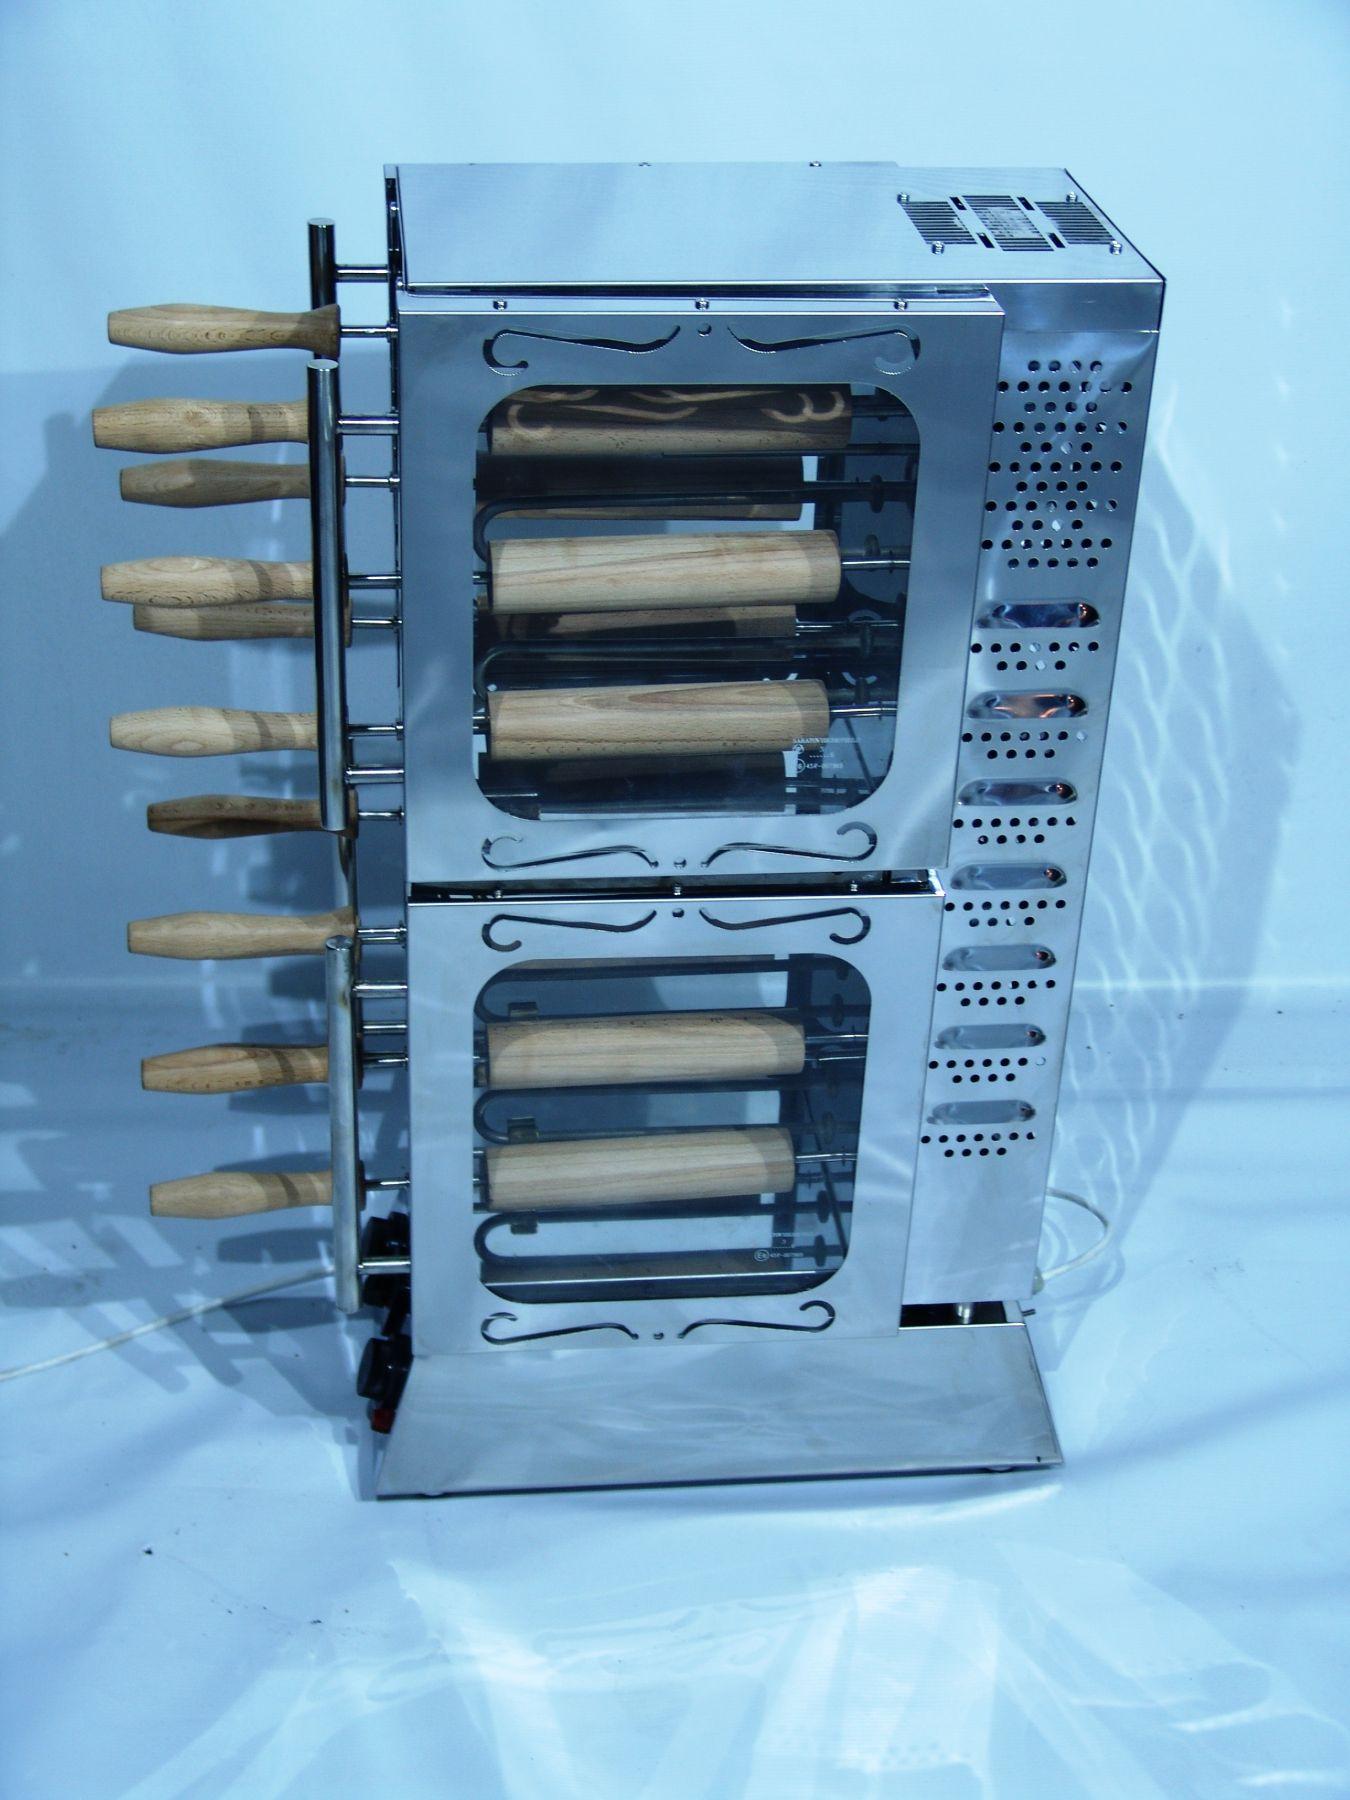 Впервые в России: аппарат для выпекания венгерского калача - фото 1